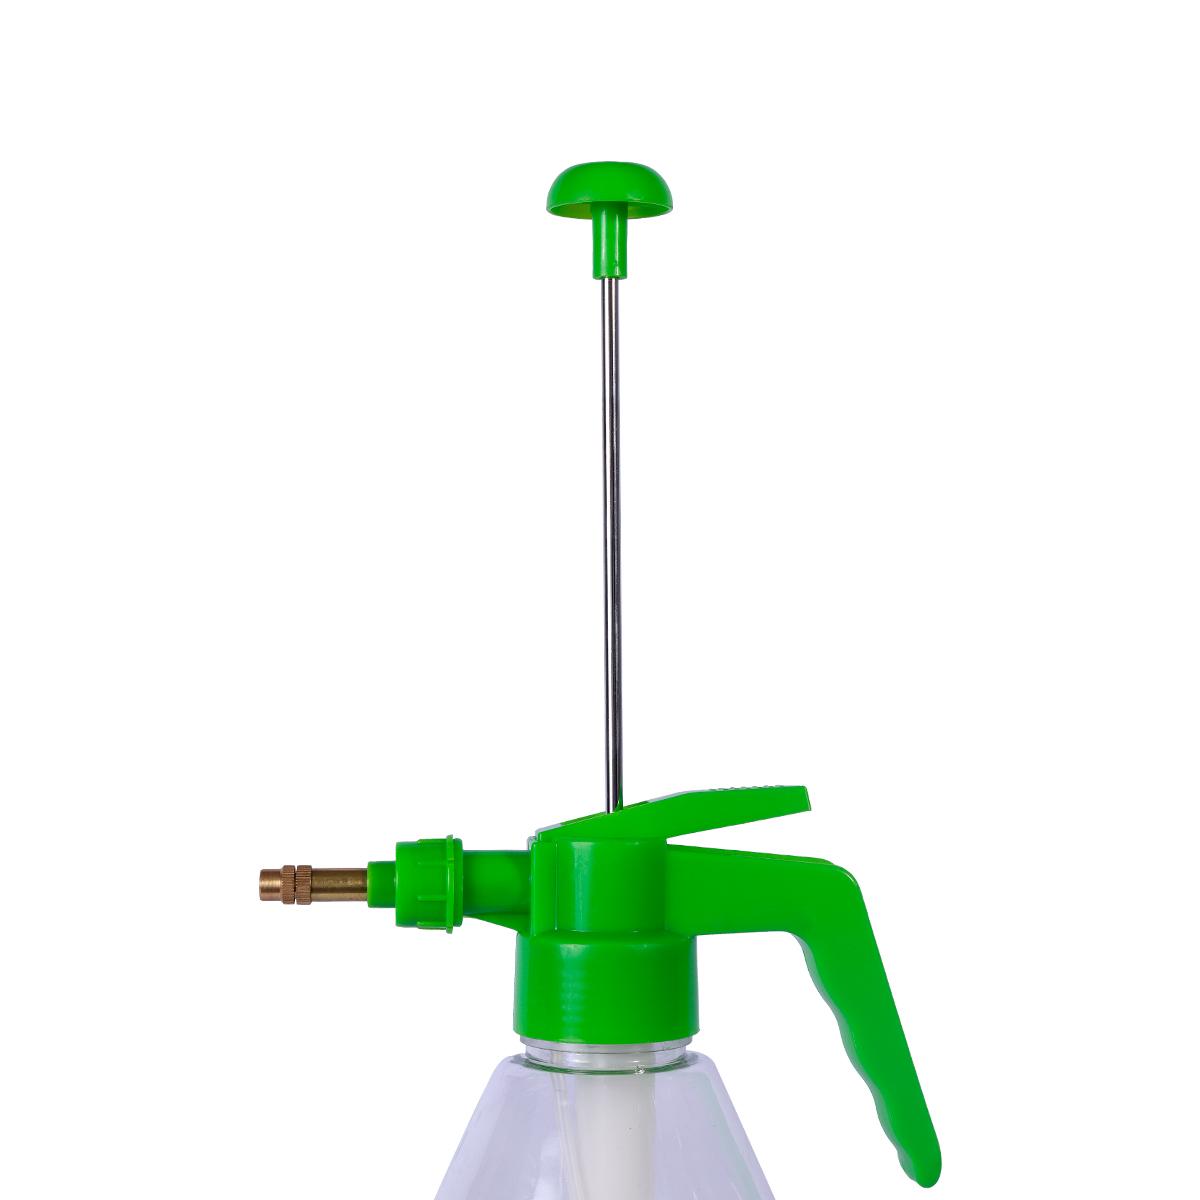 Kit De Limpeza 1 Pulverizador 1,5 Litros + 1 Detergente 1 Litro